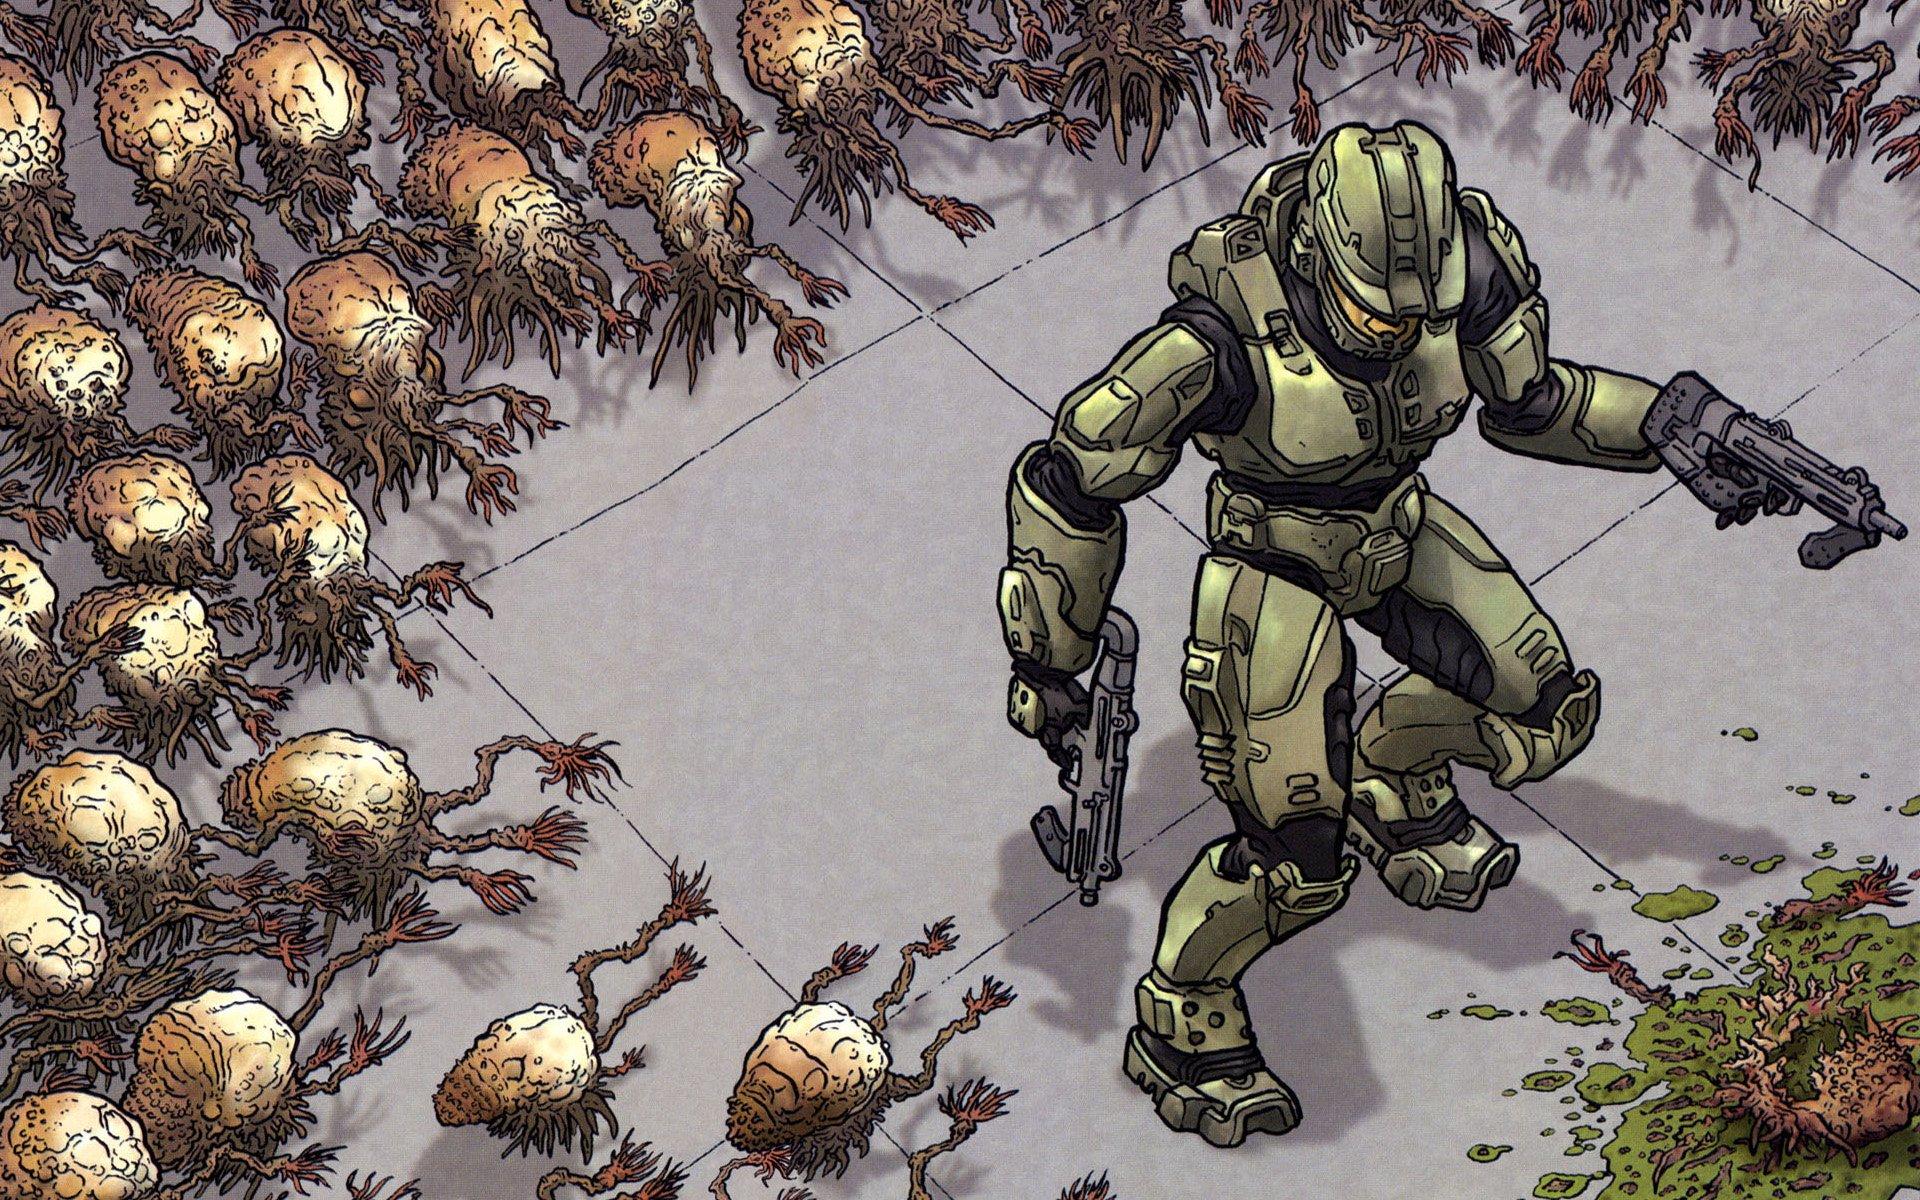 Video Game - Halo  Warrior Alien Gun Master Chief Wallpaper